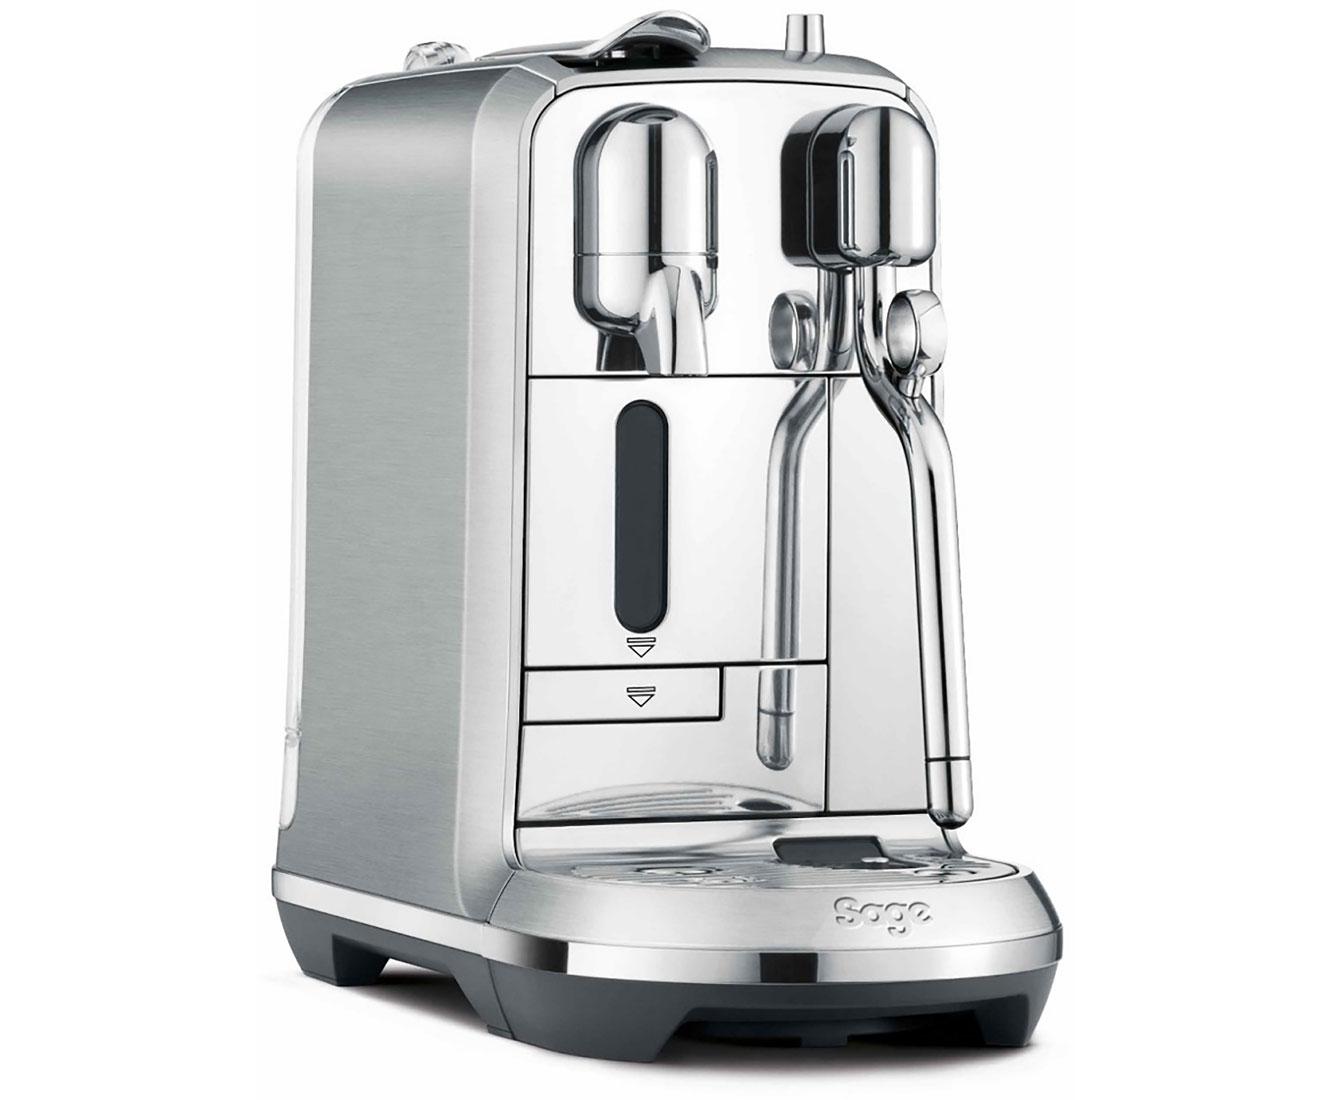 Sage Nespresso Creatista Plus SNE800BSS4EEU1 Kaffeemaschinen - Gebürsteter Edelstahl / Chrom | Küche und Esszimmer > Kaffee und Tee > Espressomaschinen | Chrom | Edelstahl | Sage Nespresso